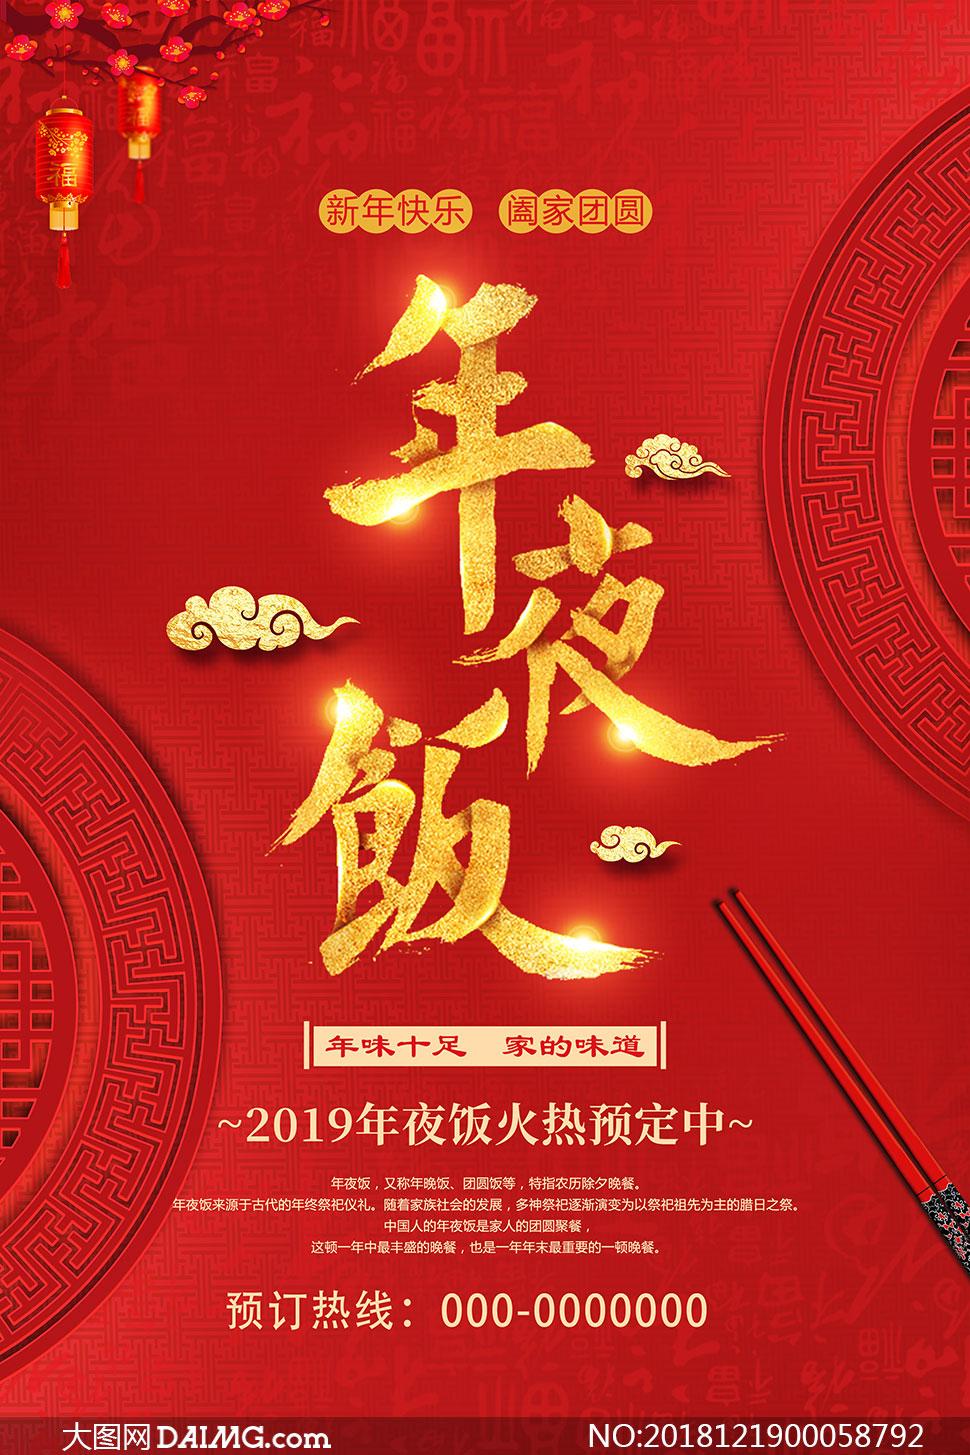 2019年夜饭火热预定中海报PSD素材